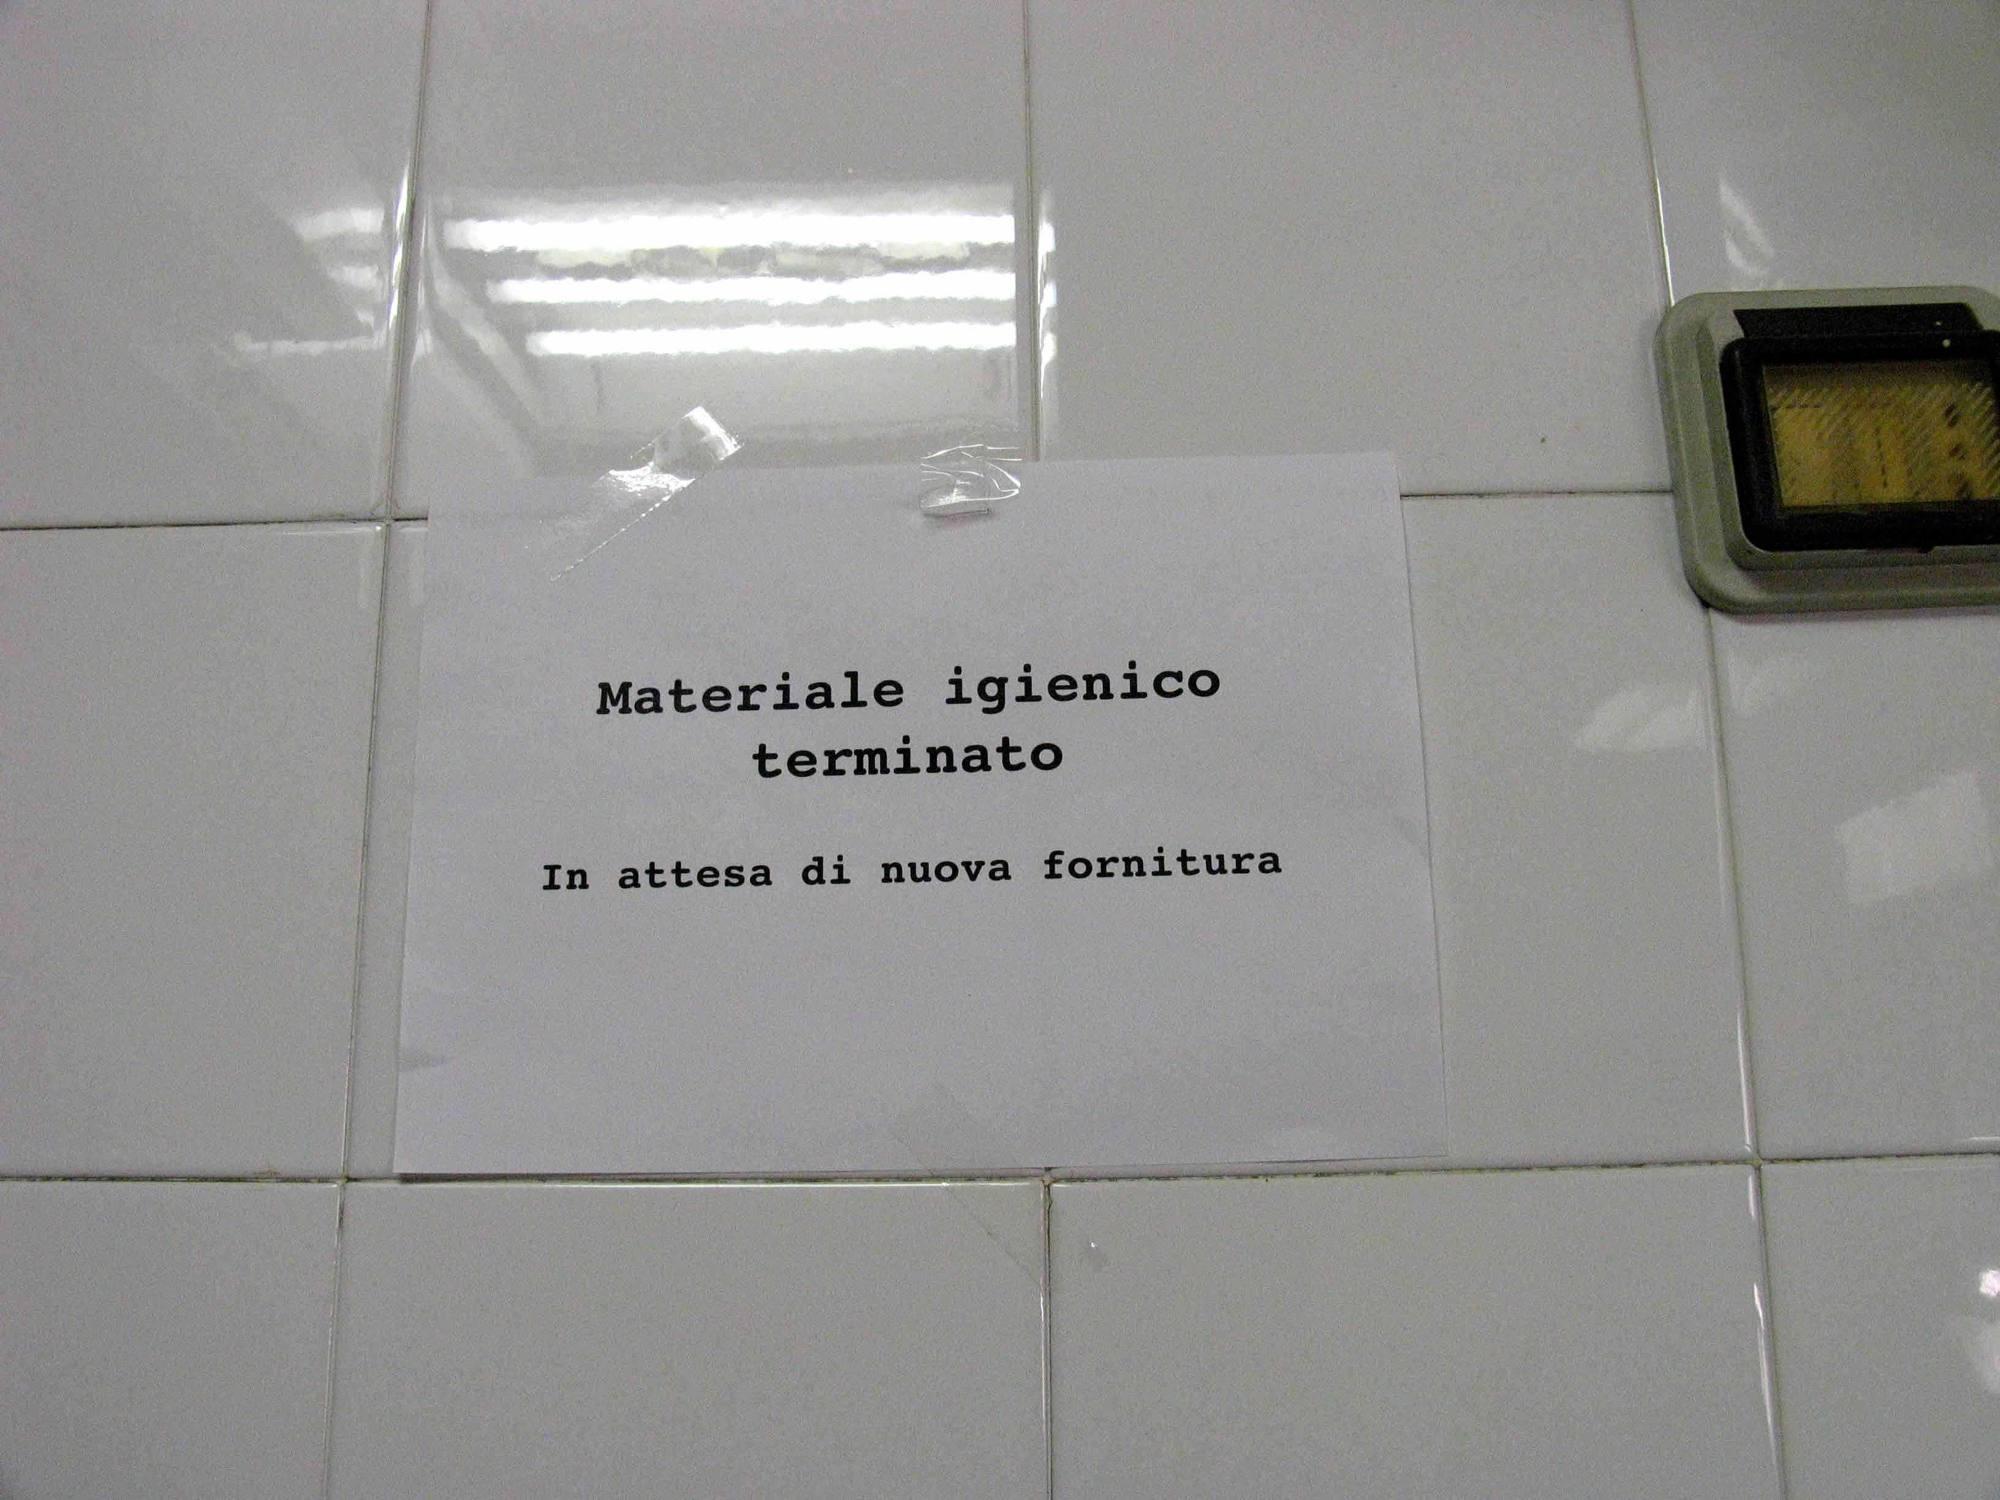 Cartello Per Bagno Signore : Cartelli da bagno: cartelli per mettere in sicurezza la balneazione